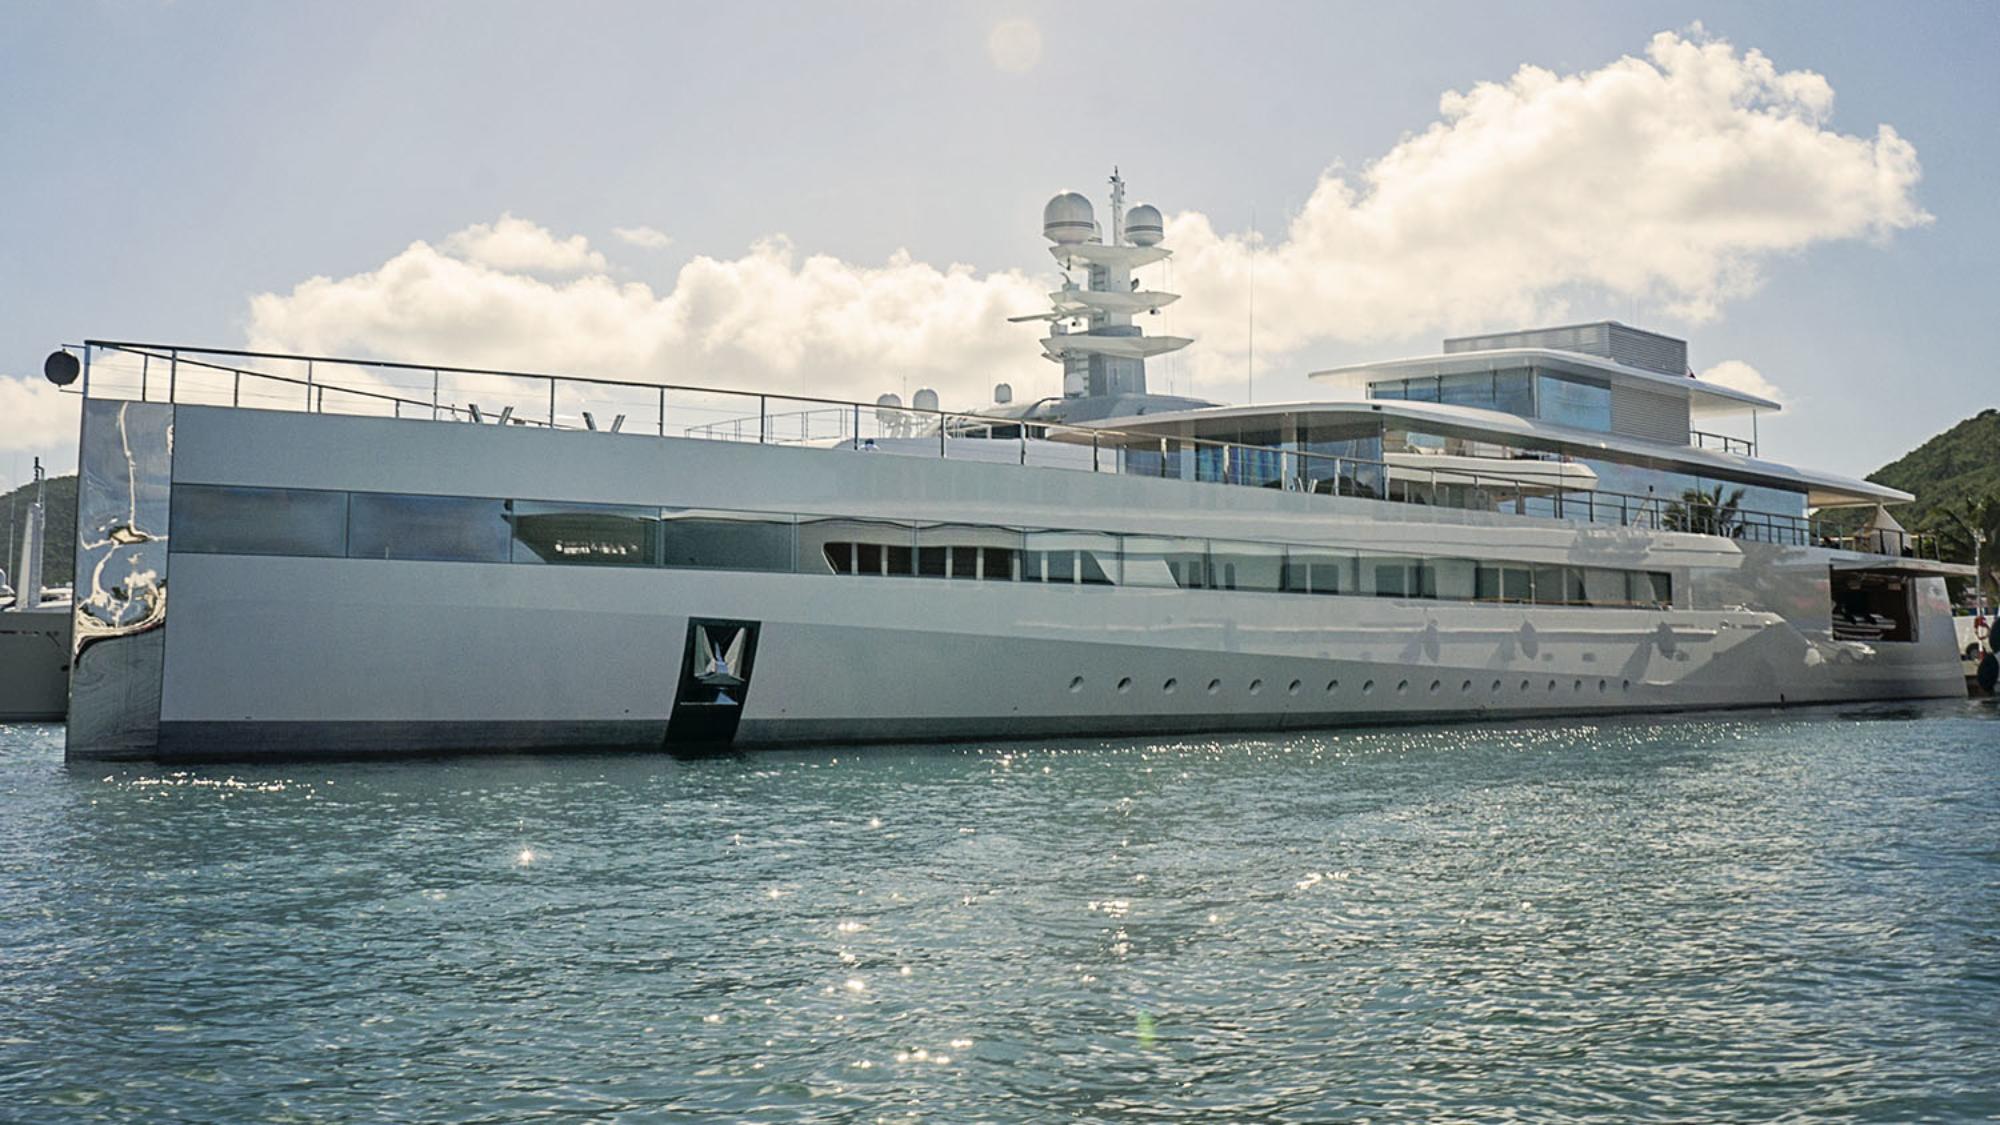 Steve Jobs yacht Venus